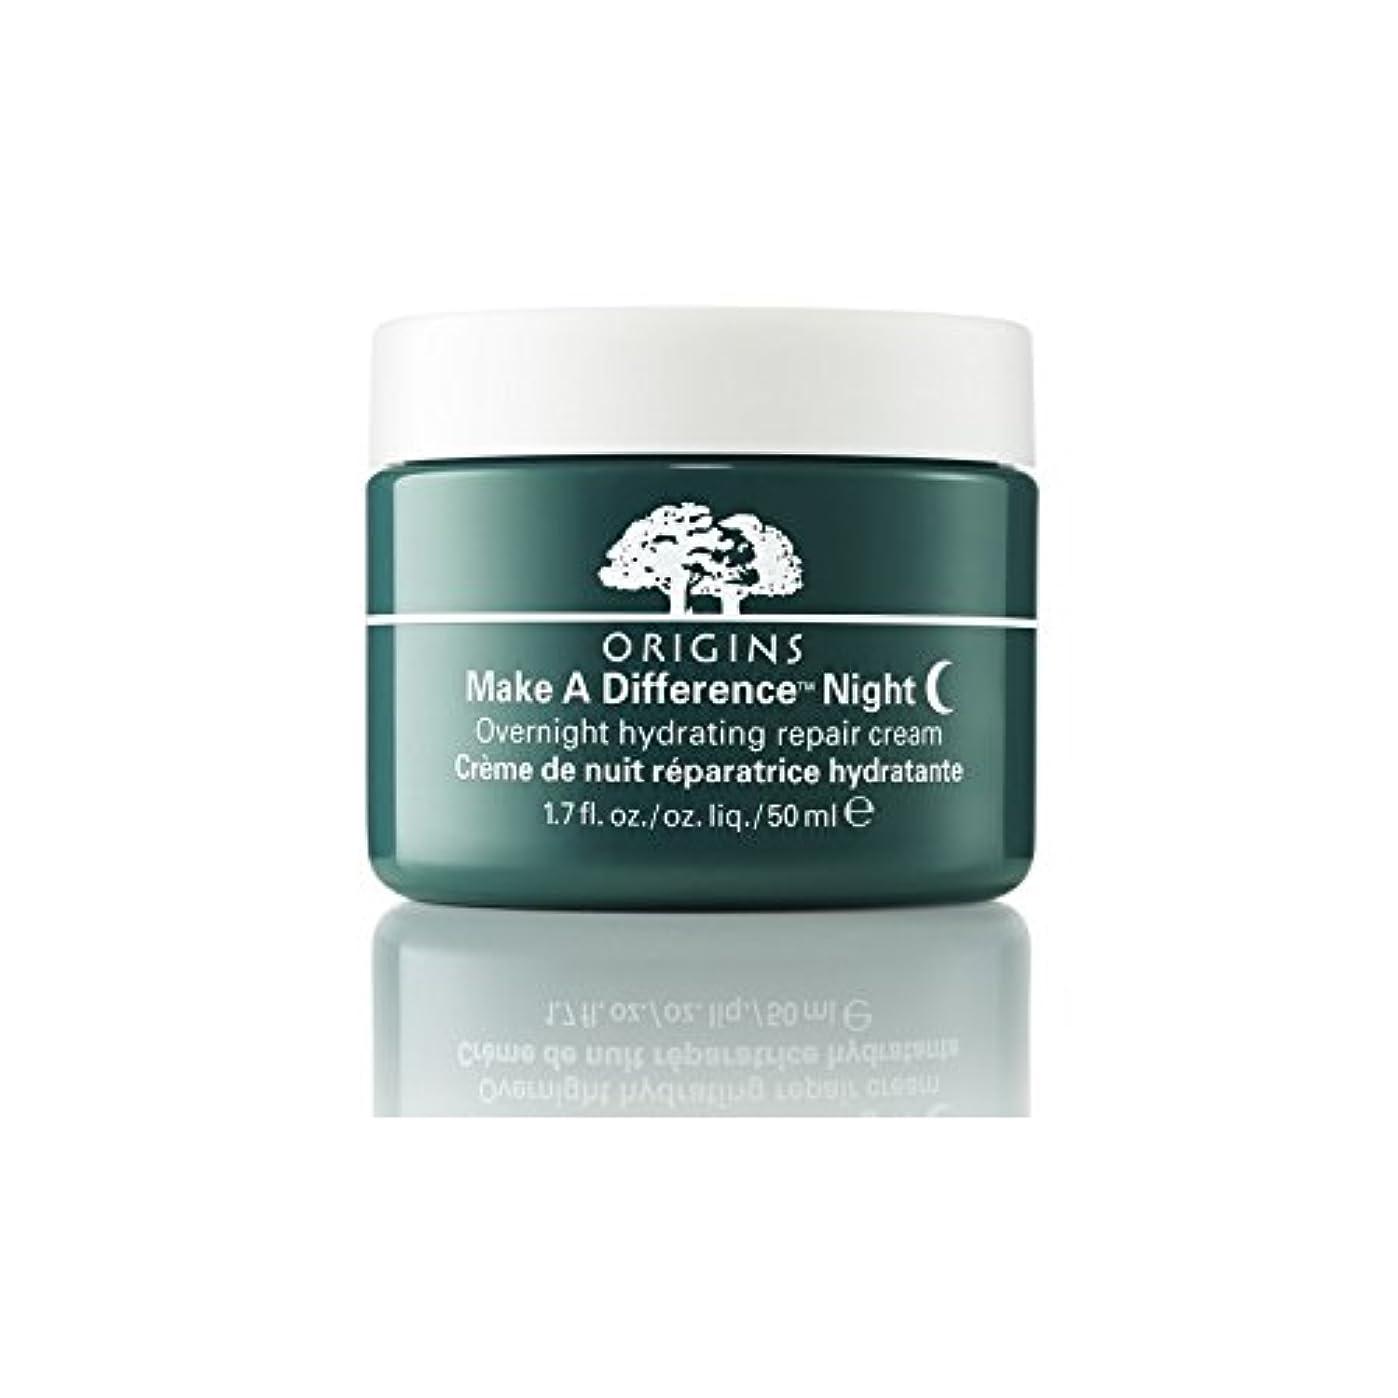 弾性熟考する傾斜Origins Make A Difference Overnight Hydrating Repair Cream 50ml (Pack of 6) - 起源は違い、一晩水和リペアクリーム50ミリリットルを作ります x6 [並行輸入品]